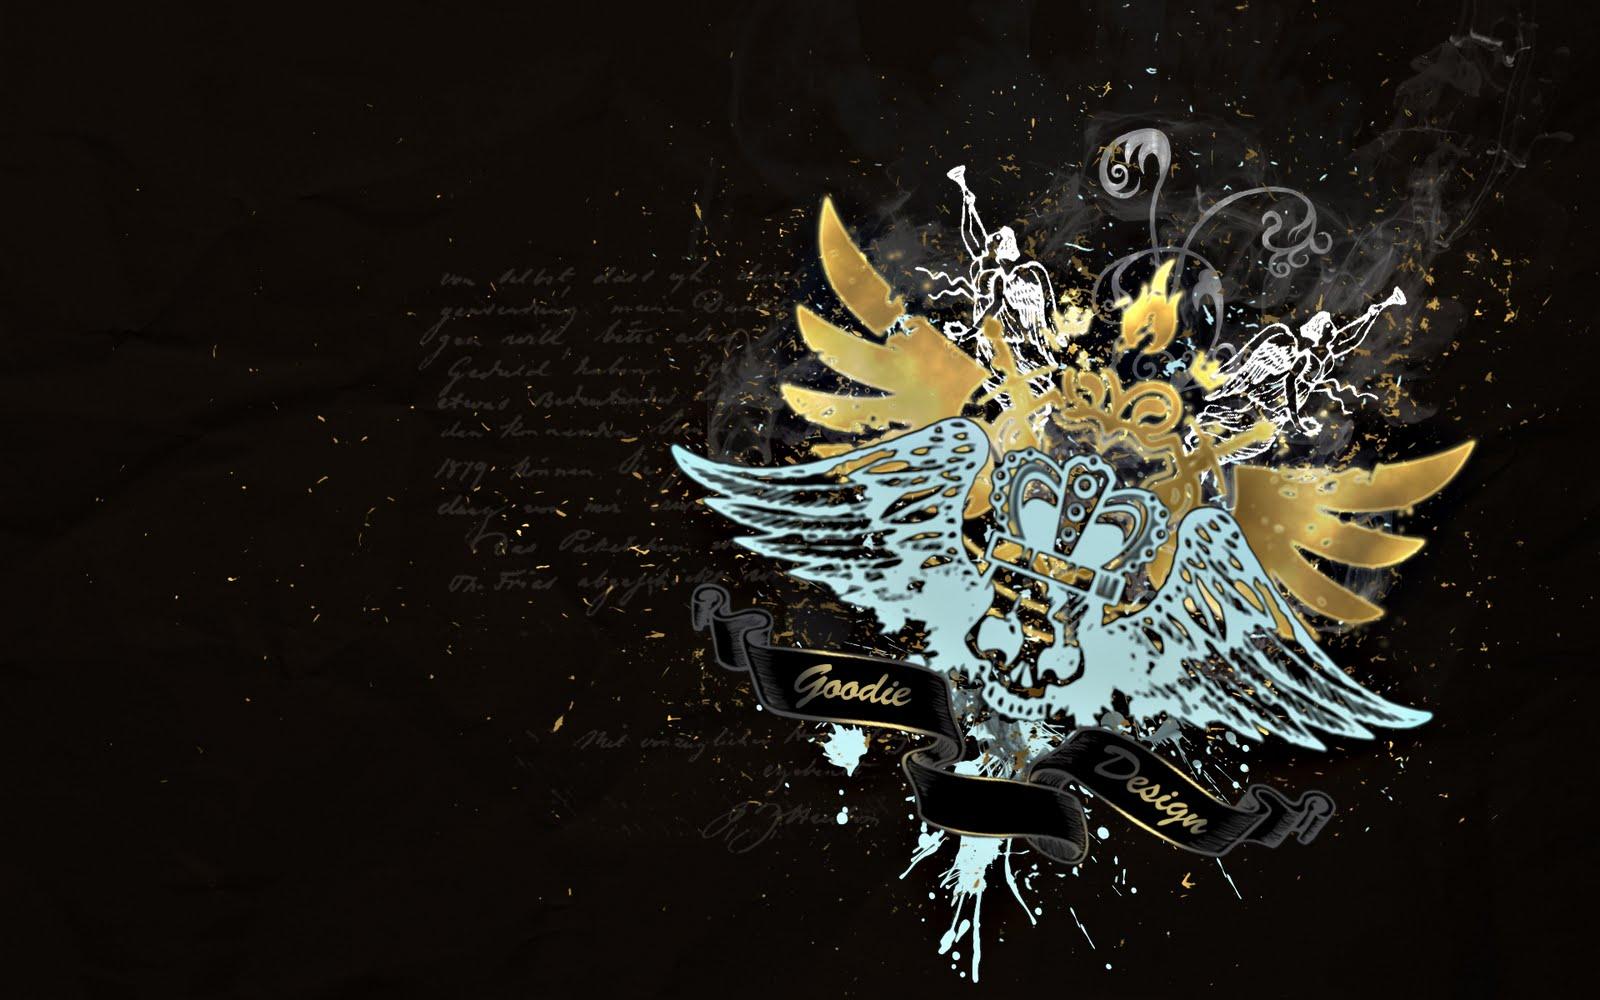 http://4.bp.blogspot.com/-cwxo7Px3QpQ/ThyrtHsRV0I/AAAAAAAAIIs/h1UsmW7EnBw/s1600/hd%2Bskull%2Bwallpaper-3.jpg